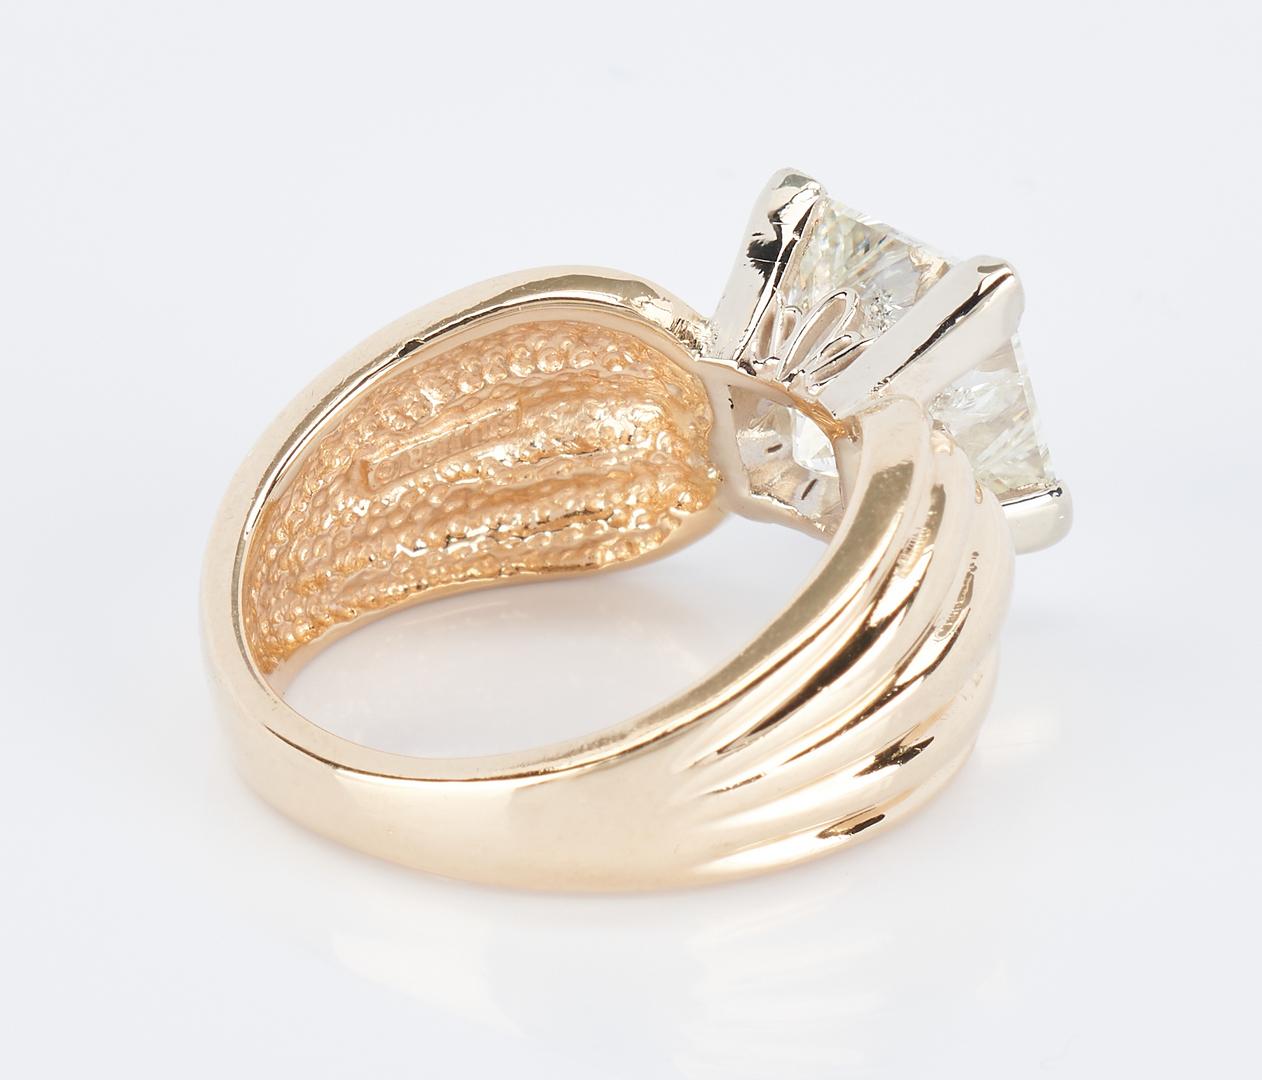 Lot 251: Ladies 14K 3.07 Carat Diamond Ring